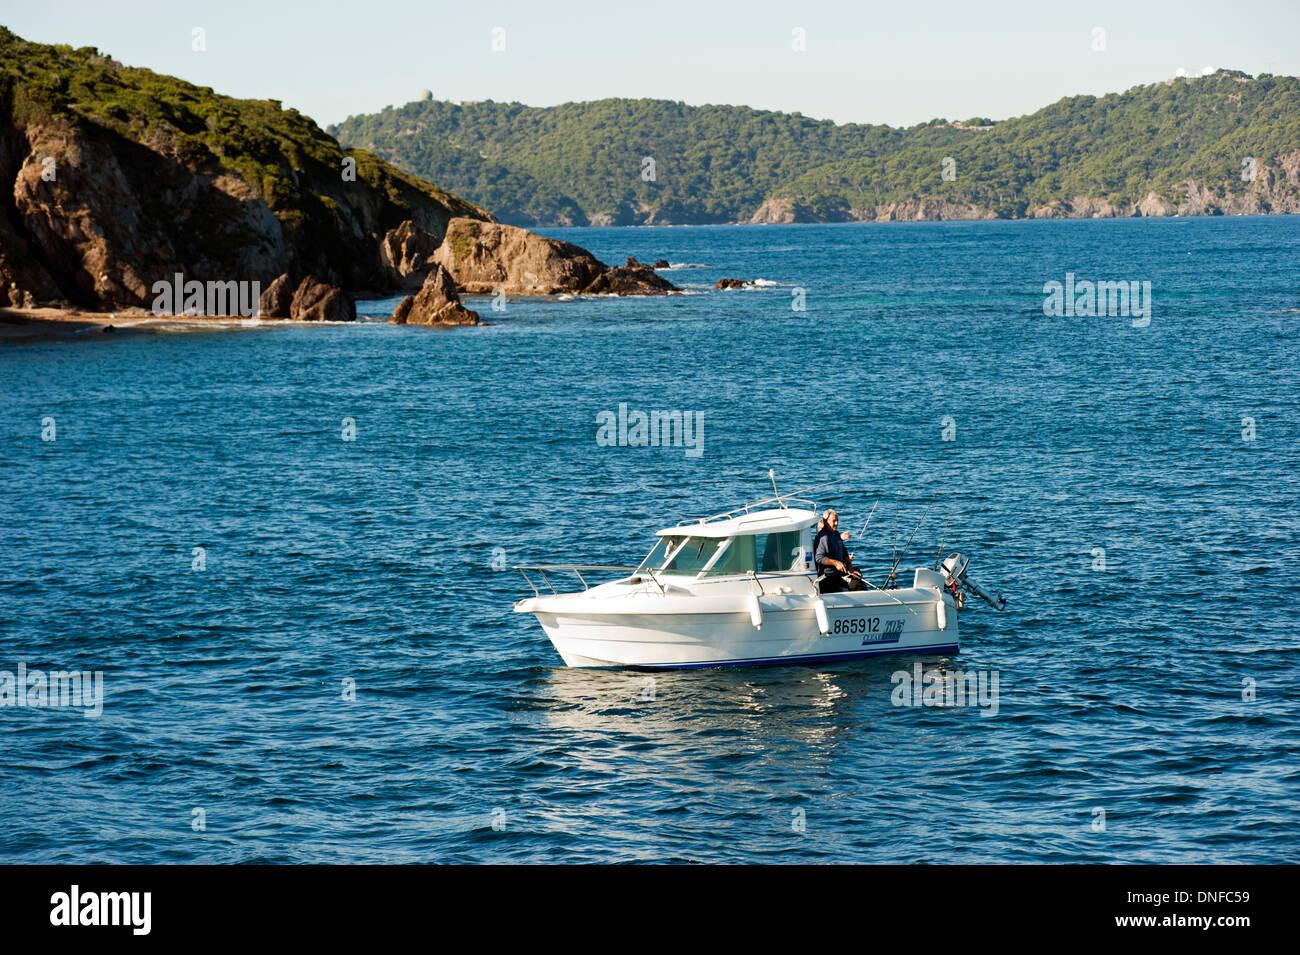 La pesca deportiva en el Parque Nacional de Port Cros Hyeres Francia Imagen De Stock